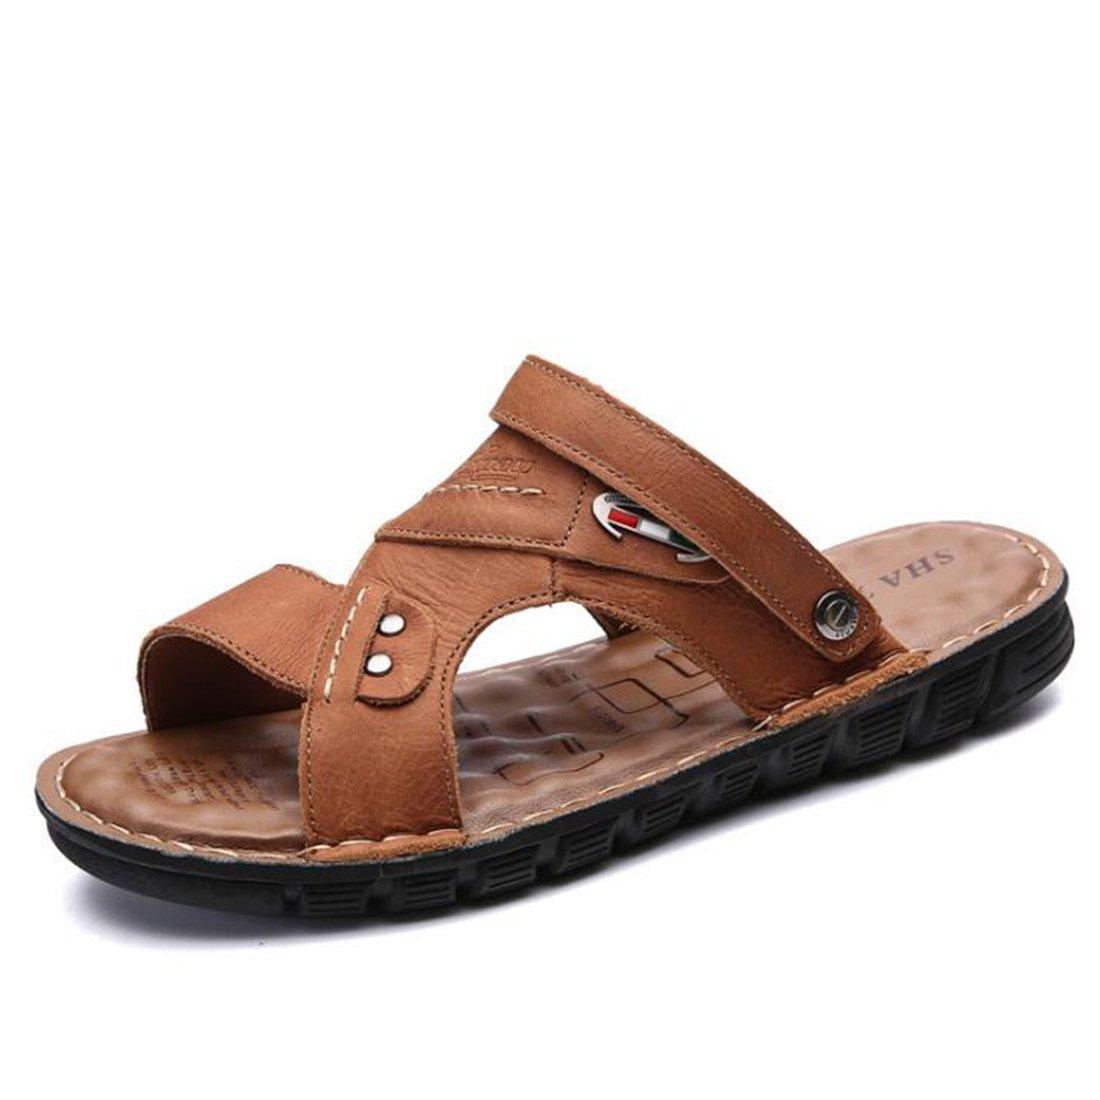 ZHONGST Herren Sommer Sandaleen Leder Casual Sandaleen Outdoor Beach Schuhe